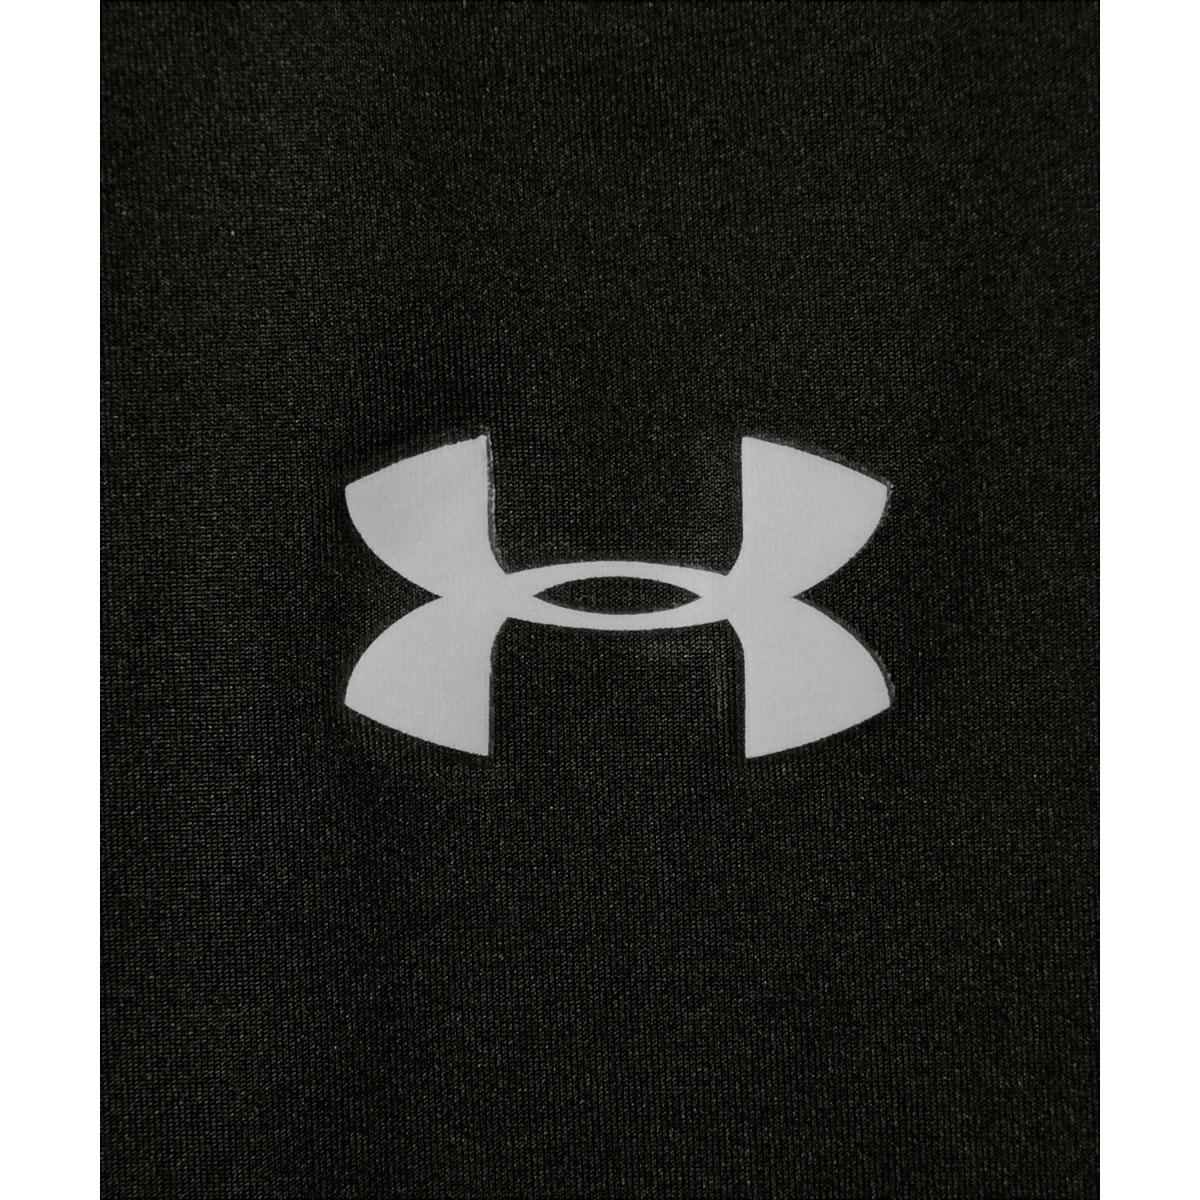 アンダーアーマー Tシャツ メンズ 半袖 無地 ワンポイント ヒートギア UNDER ARMOUR HeatGear Compression 高機能 コンプレッション ウエア ブランド プチギフト 誕生日プレゼント 彼氏 父 男性 ギフト